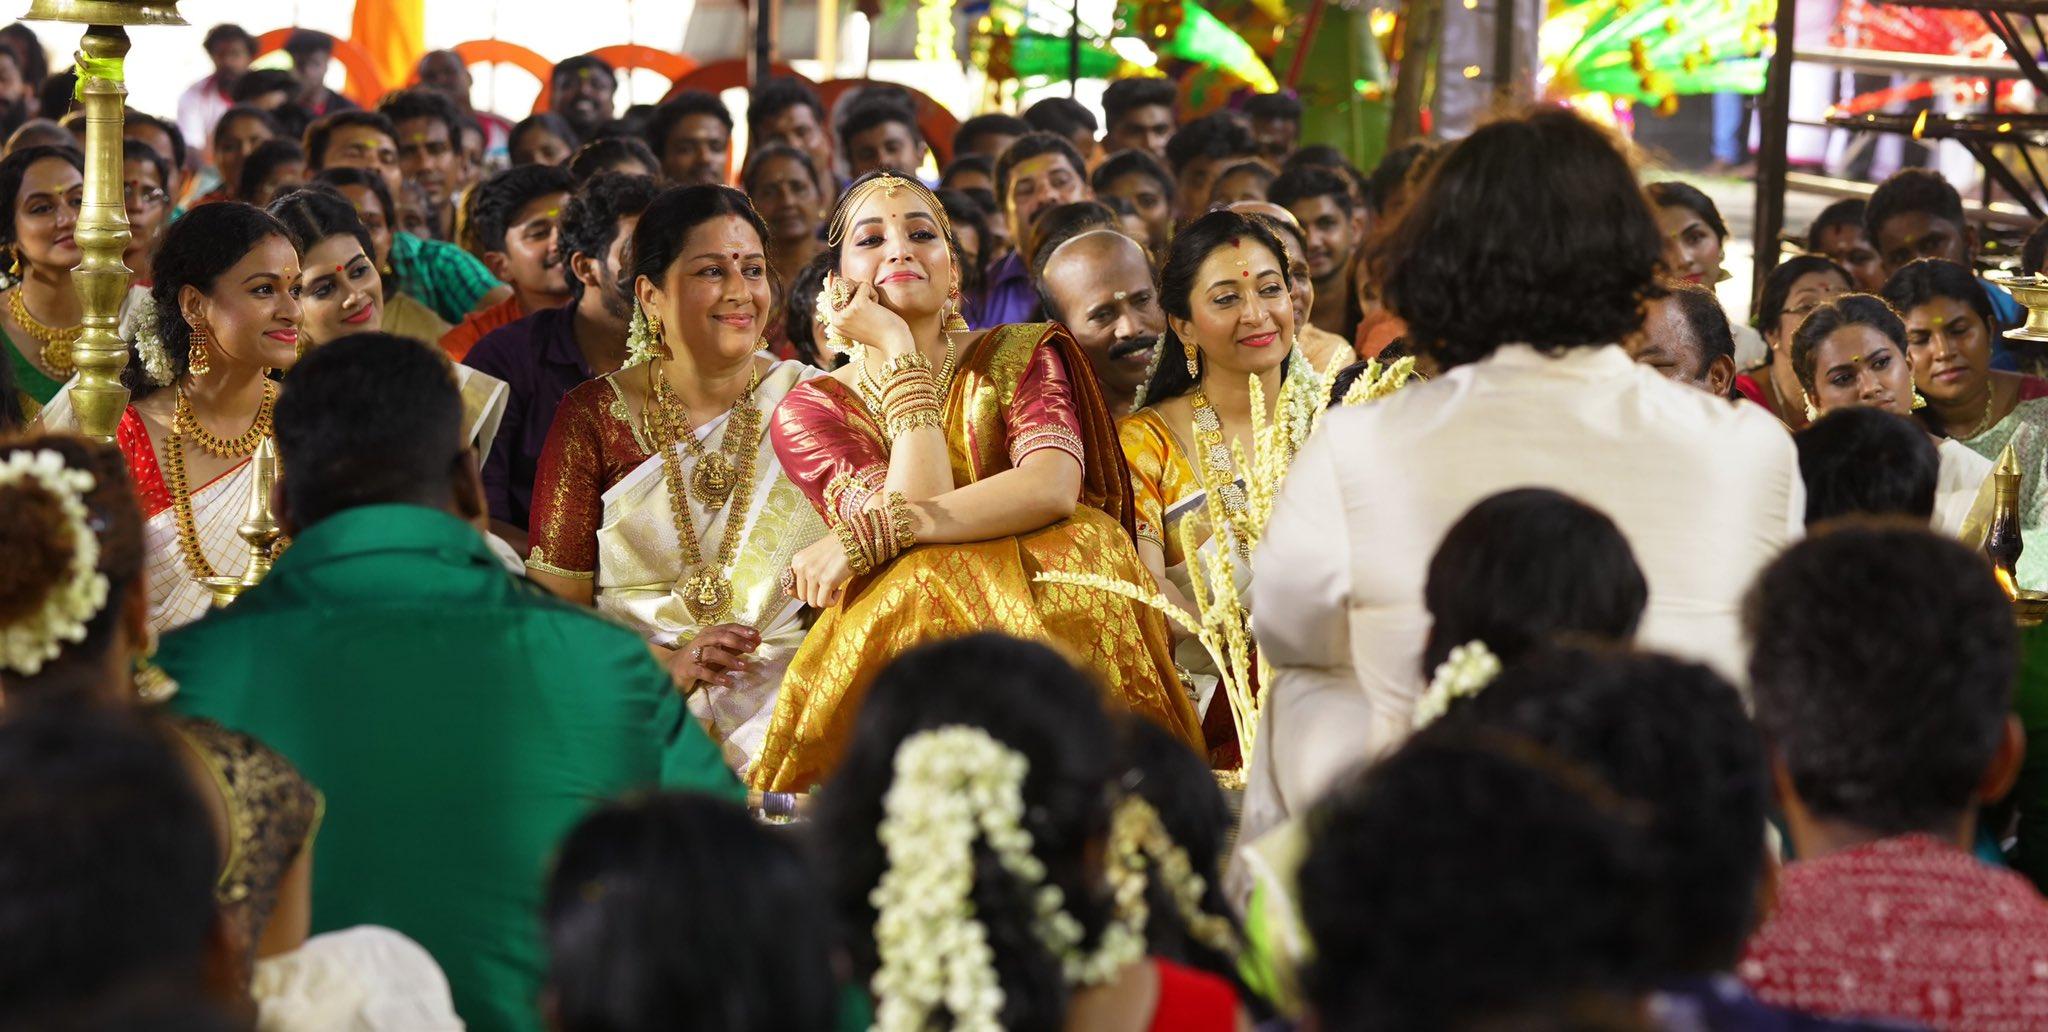 അജയ് ജ്ഞാനമുത്തു സംവിധാനം ചെയ്യുന്ന ചിത്രത്തിൽ 20 വ്യത്യസ്ത ഗെറ്റപ്പുകളിൽ വിക്രം എത്തുമെന്നാണ് റിപ്പോർട്ടുകൾ (Image: Ajay gnanamuthu/twitter)